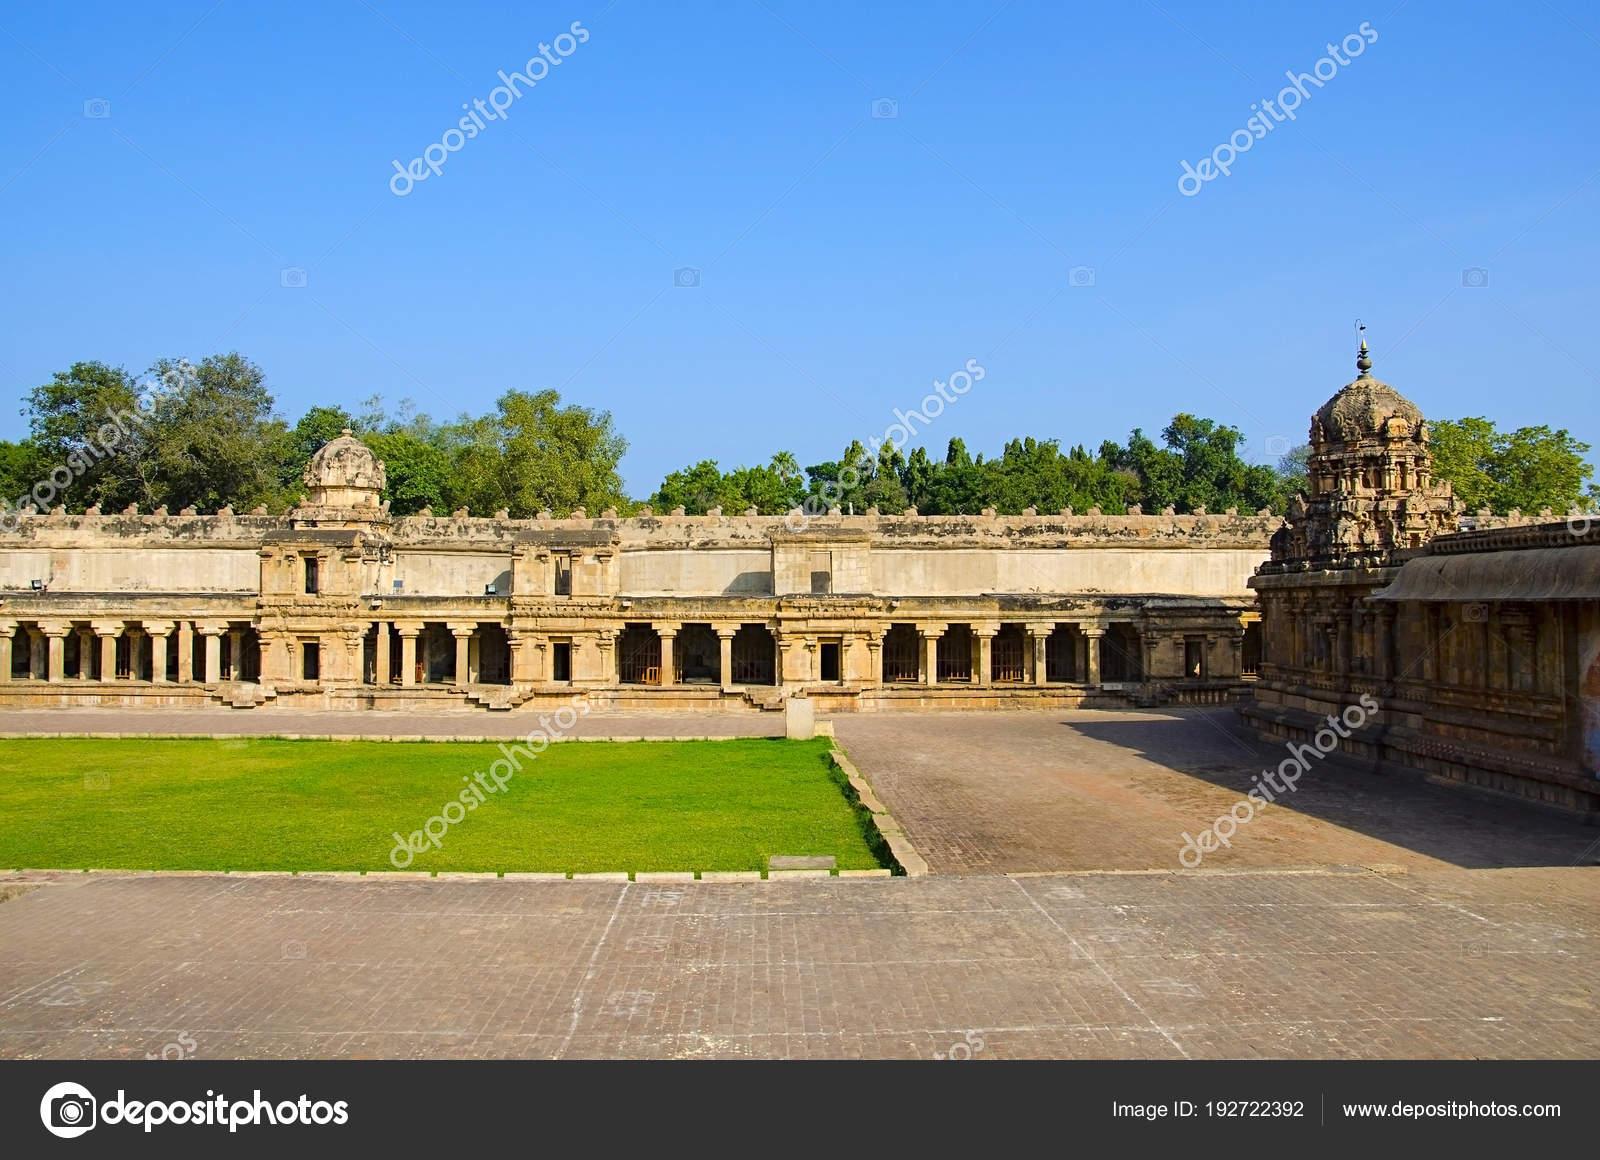 Brihadishvara Temple, Thanjavur, Tamil Nadu, India  Hindu